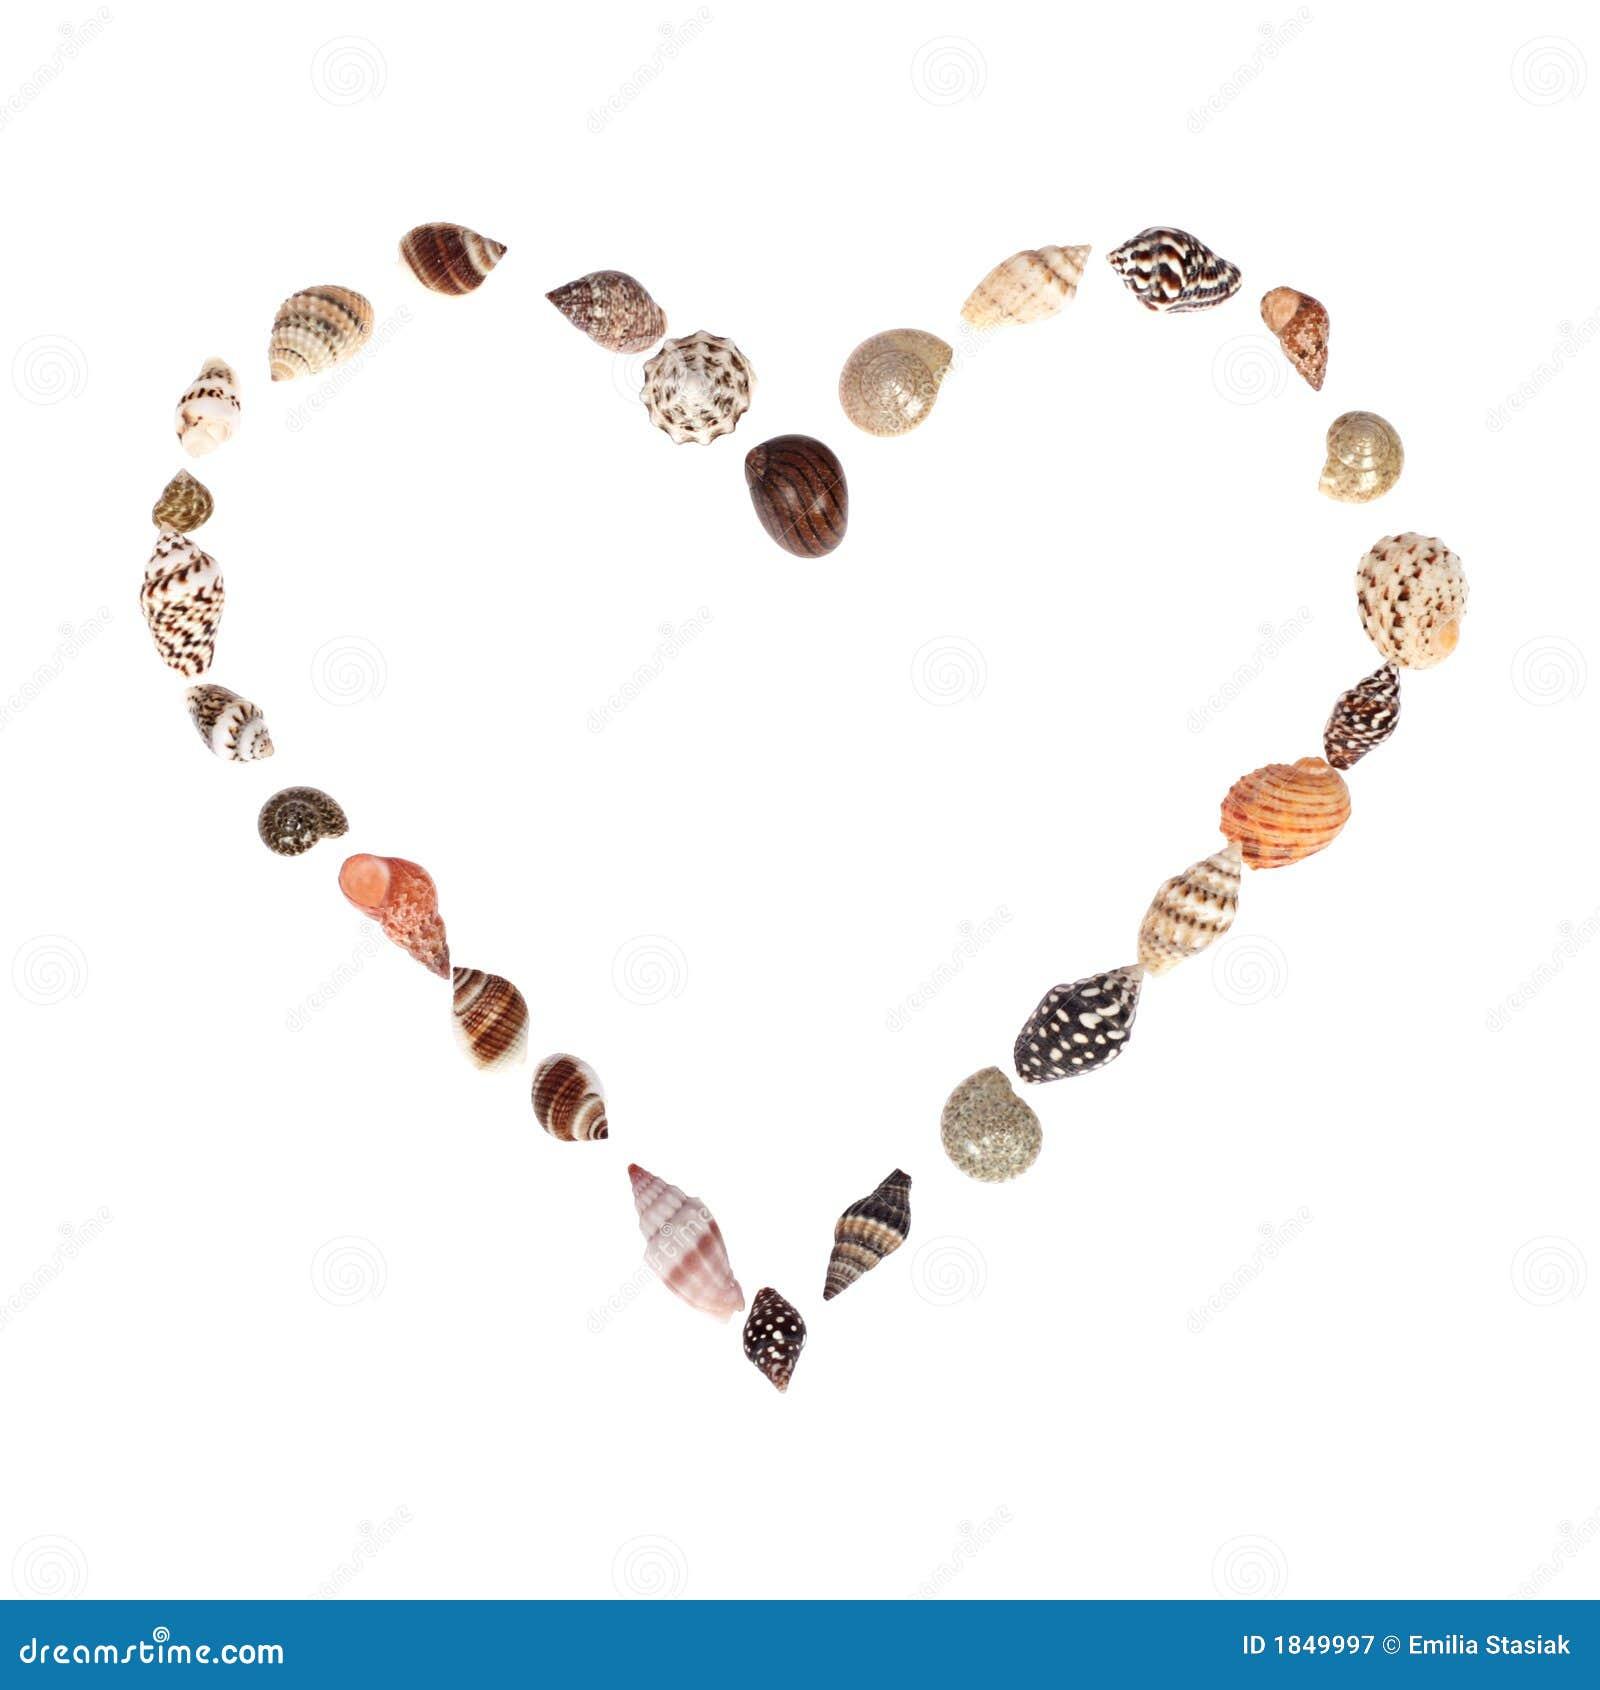 Seashell Heart Royalty Free Stock Photography - Image: 1849997